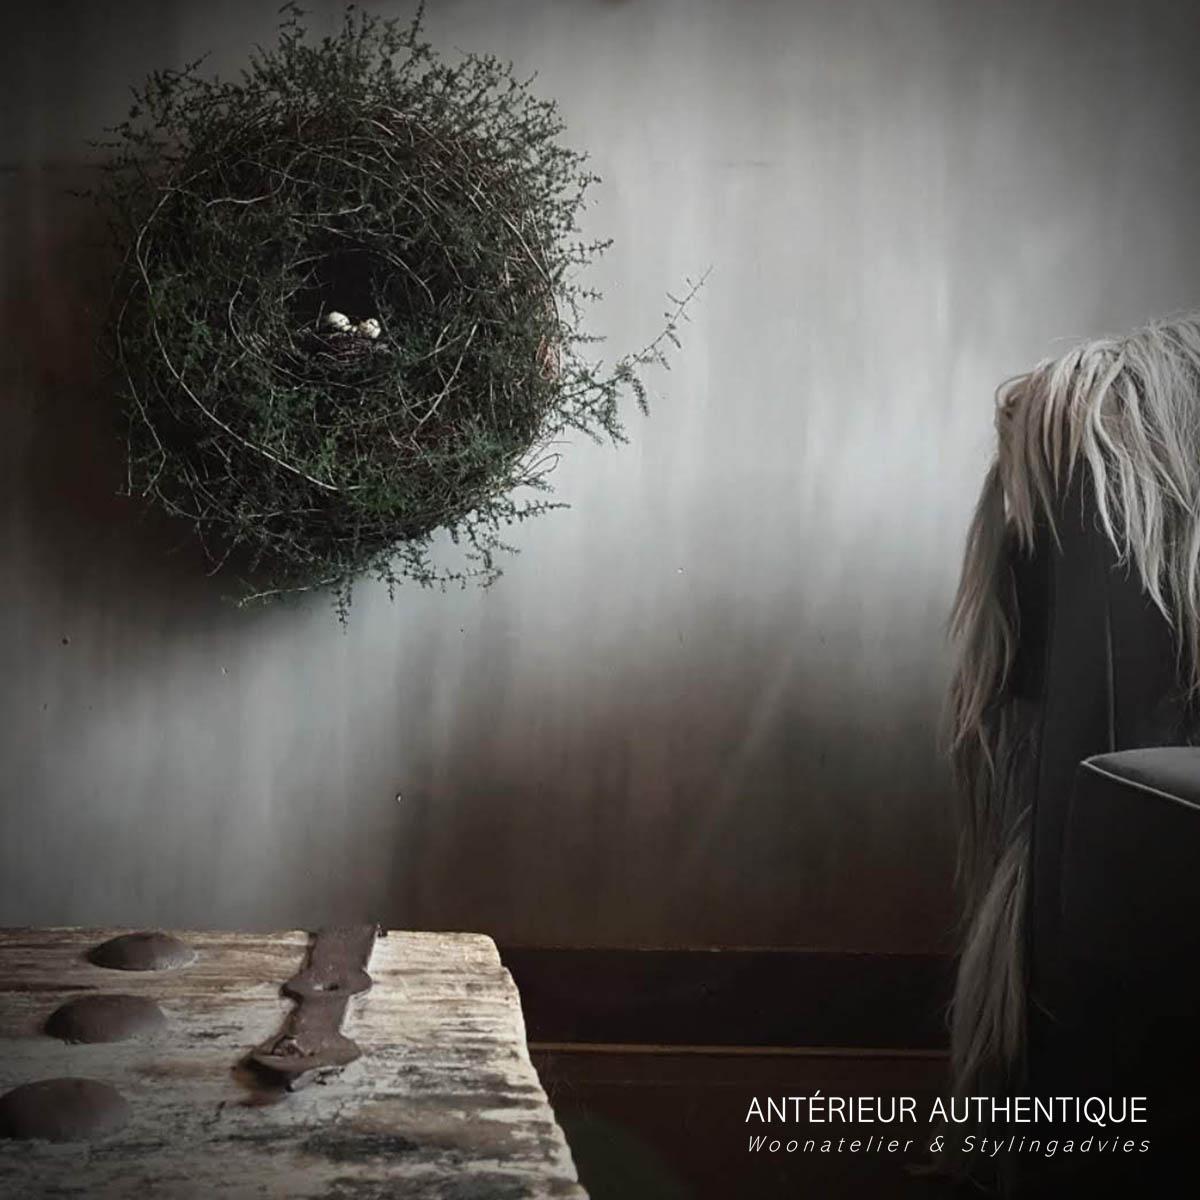 Afbeelding van krans wilde asparagus voor gebruik in webshop van Antérieur Authentique op de afbeelding hangend in woonkamer